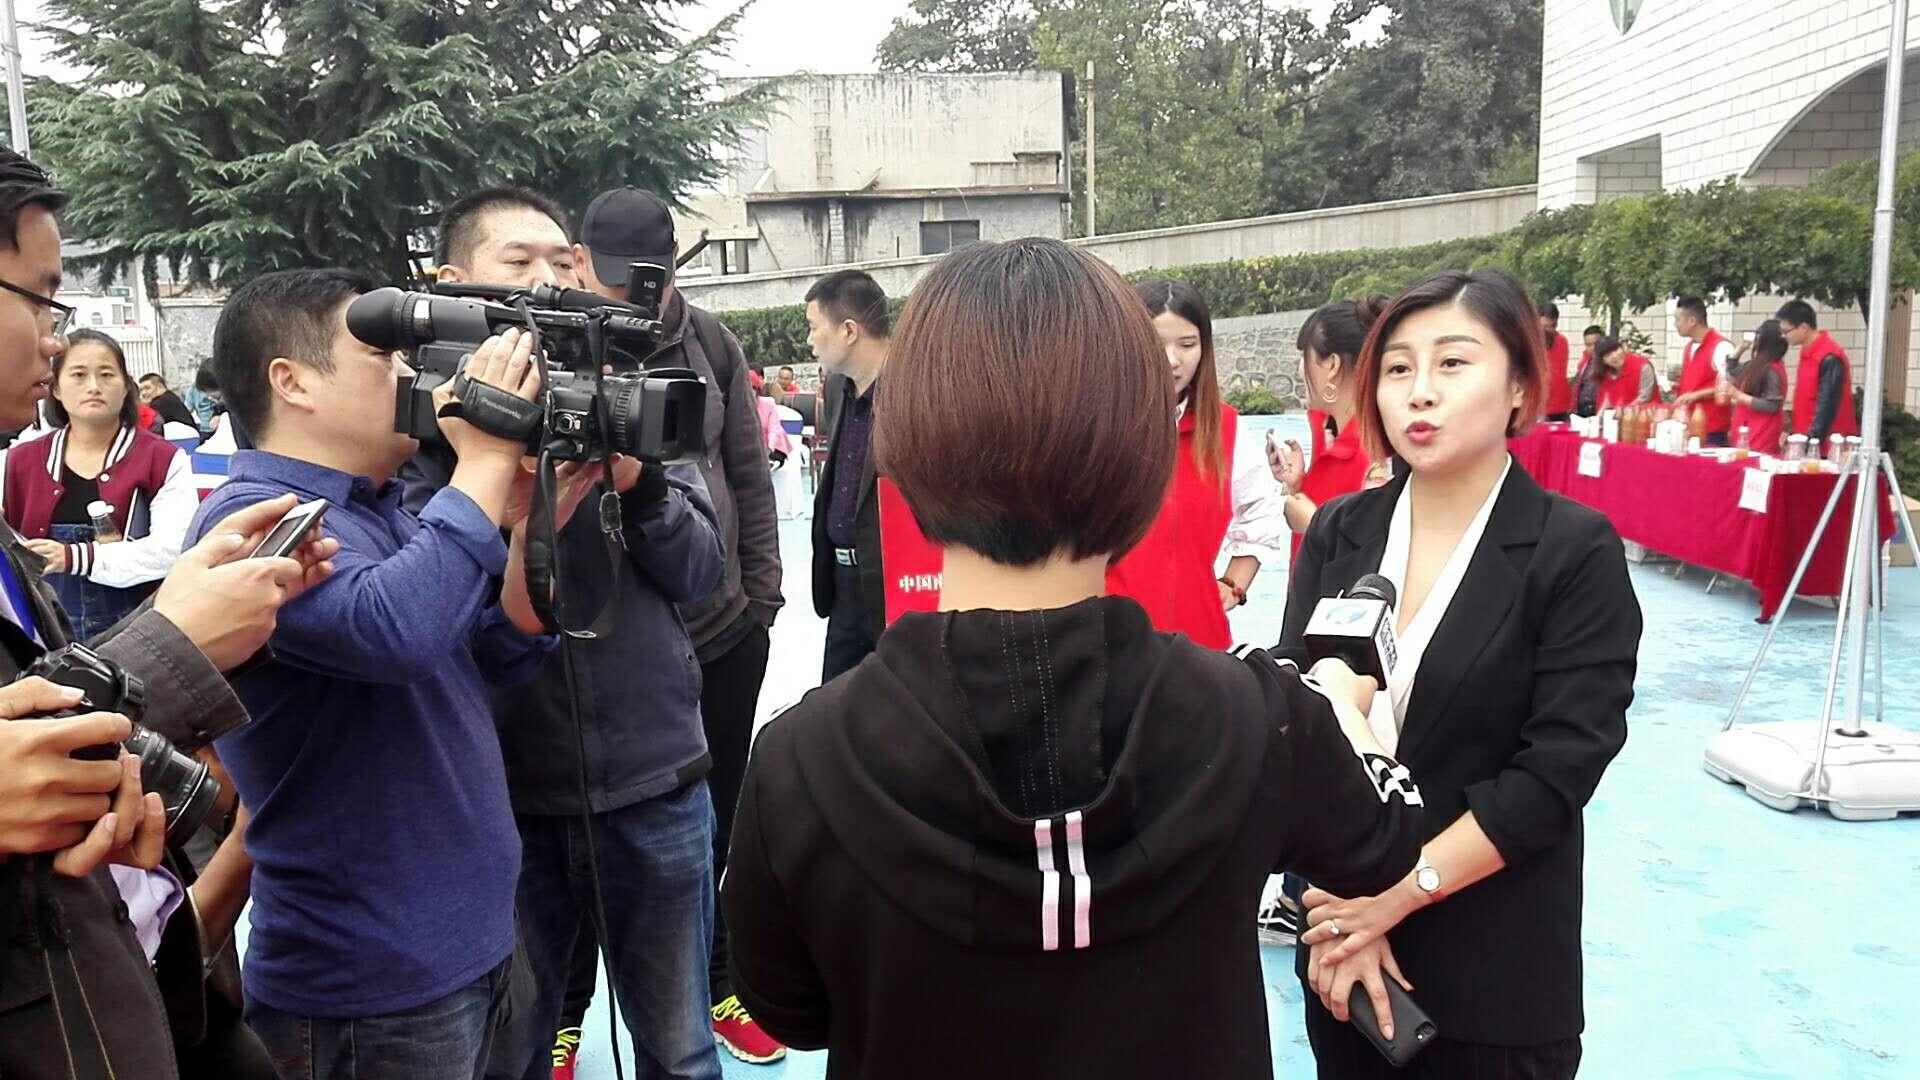 郑州科达传媒:北京新闻发布会媒体邀约之新品发布会